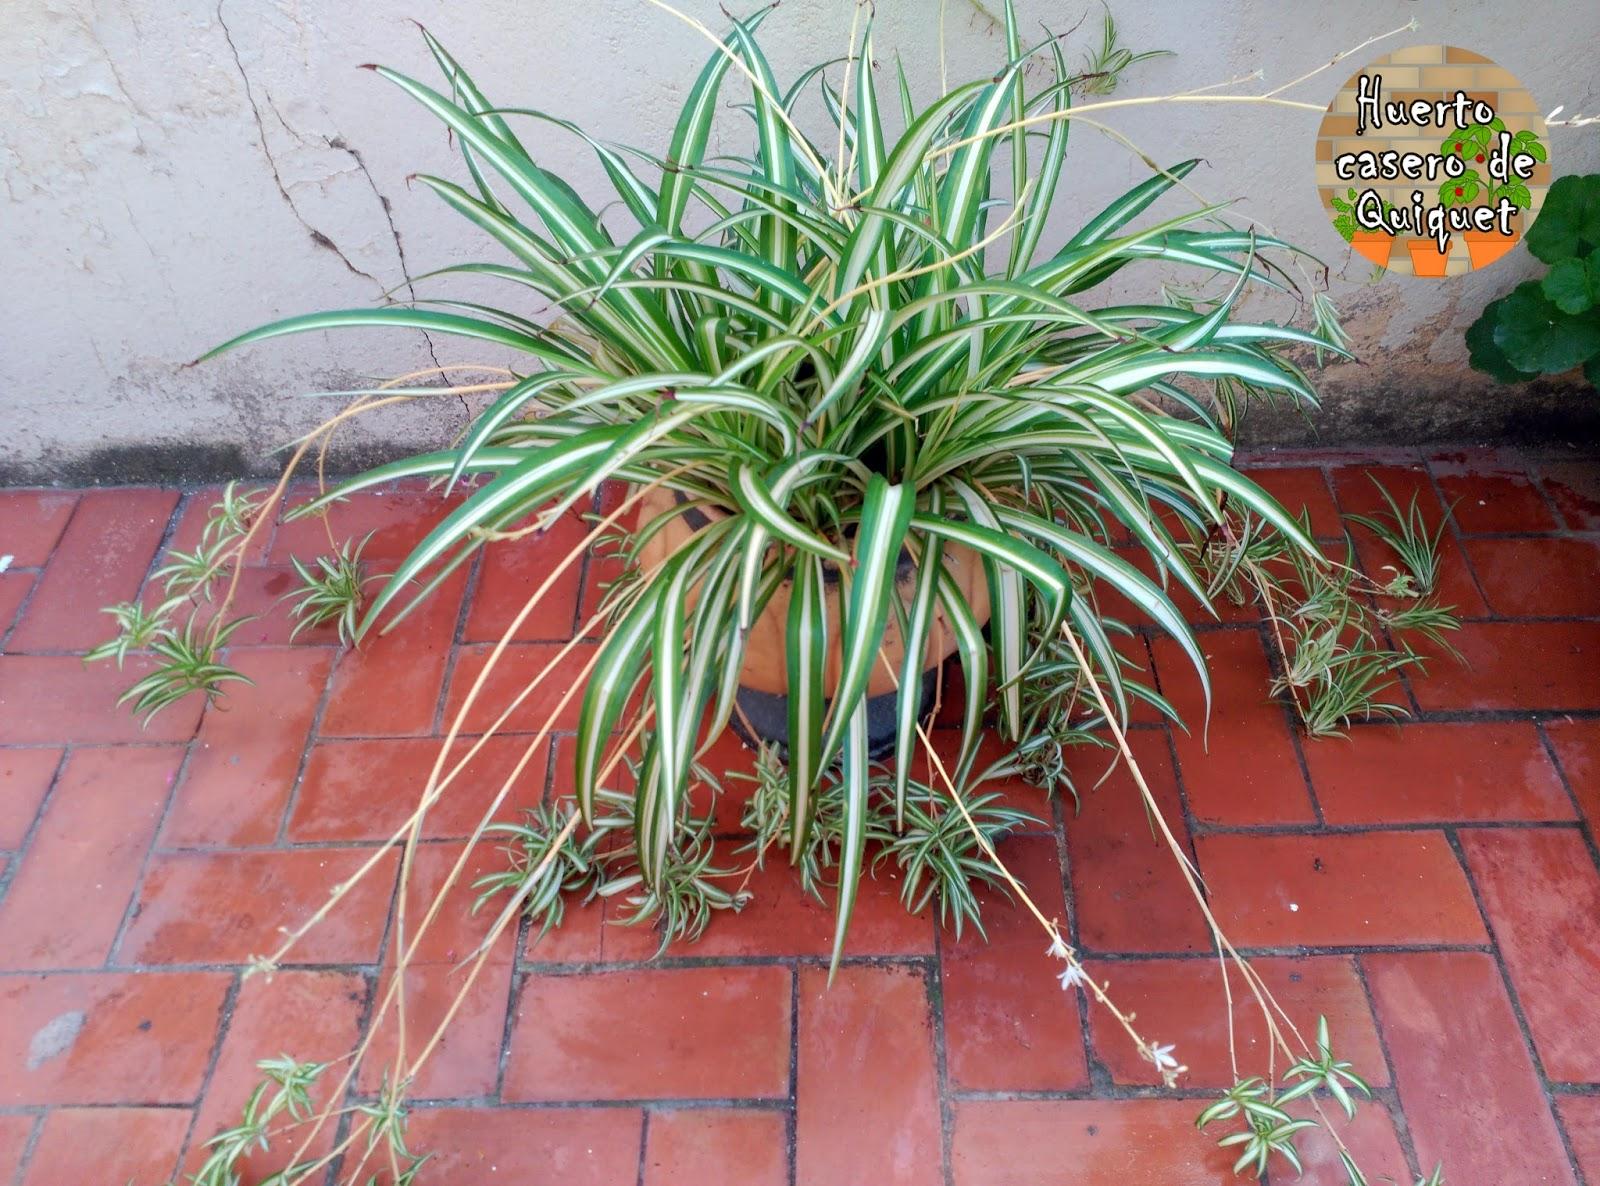 Huerto casero de quiquet planta cintas ara a o - Cinta planta ...